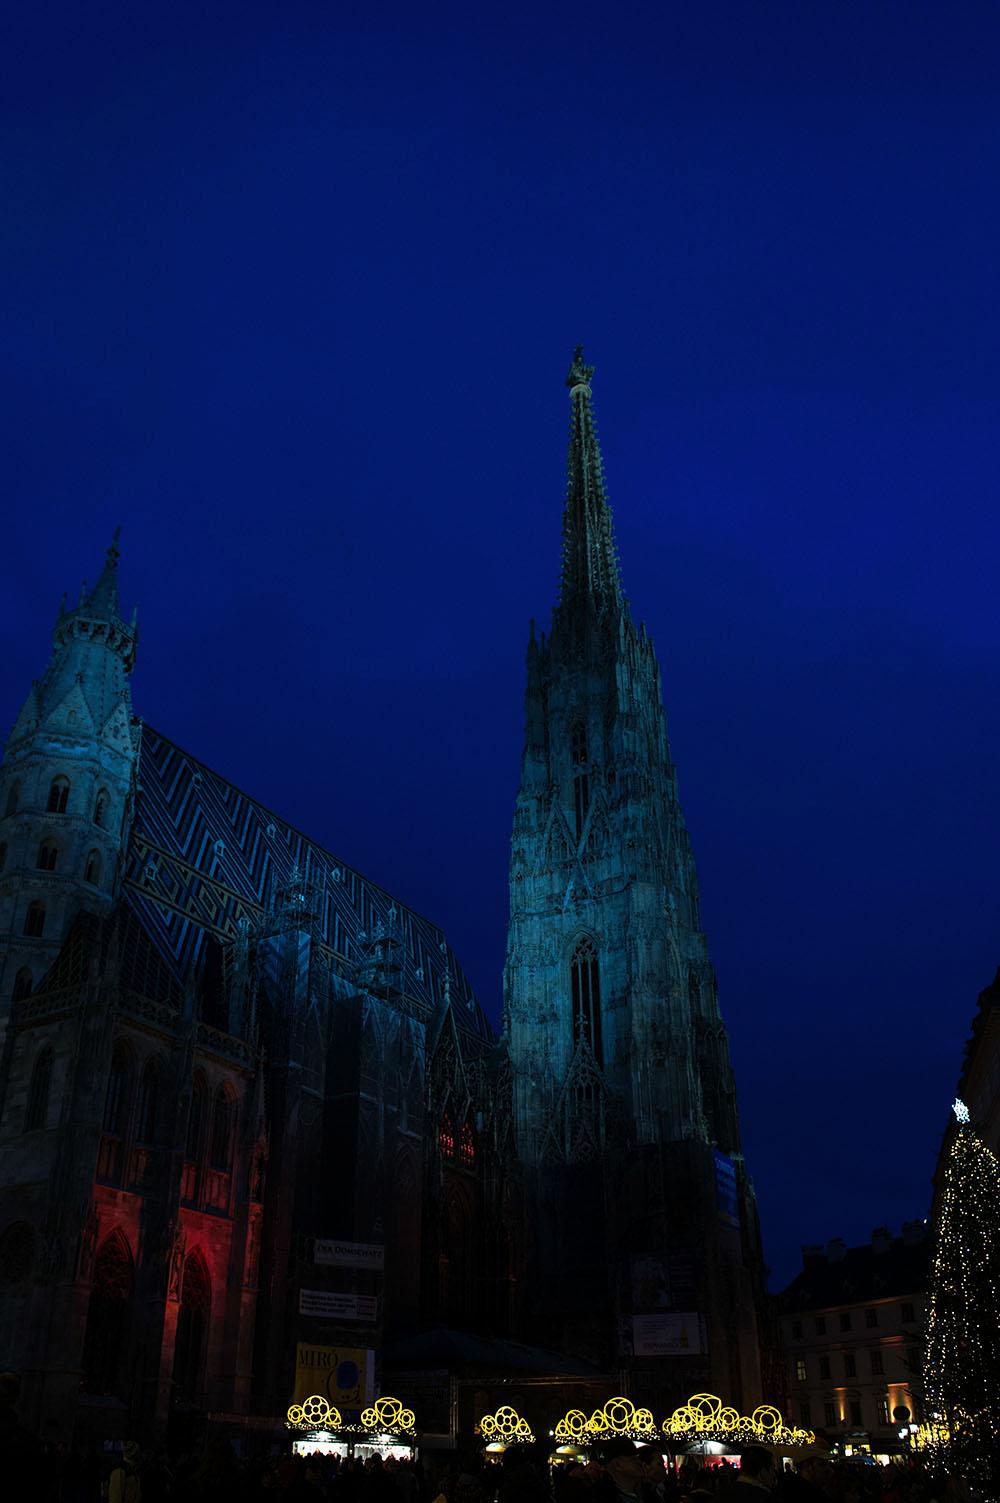 vienna, christmas, schristkindlmarkt, st. stephens, stephanplatz